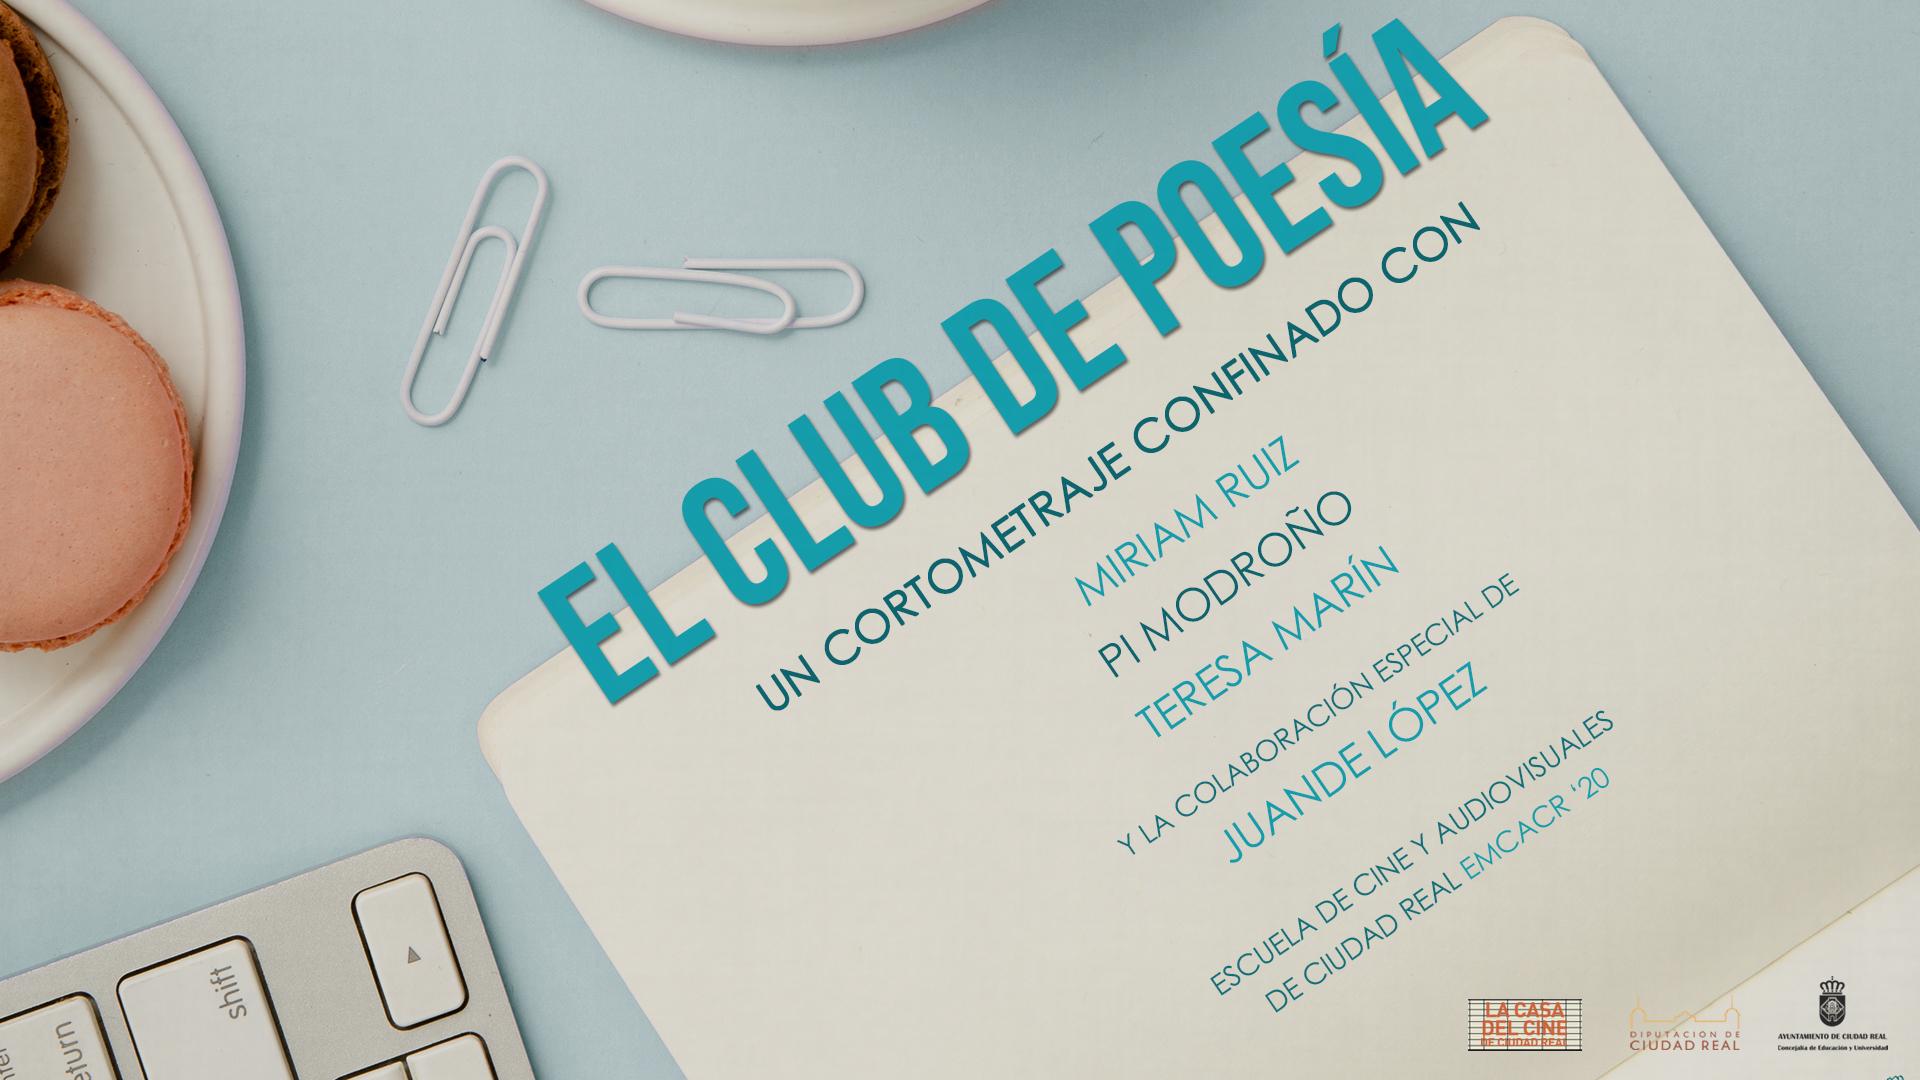 El club de poesía // Proyectos Confinados #EMCACR 2019/2020